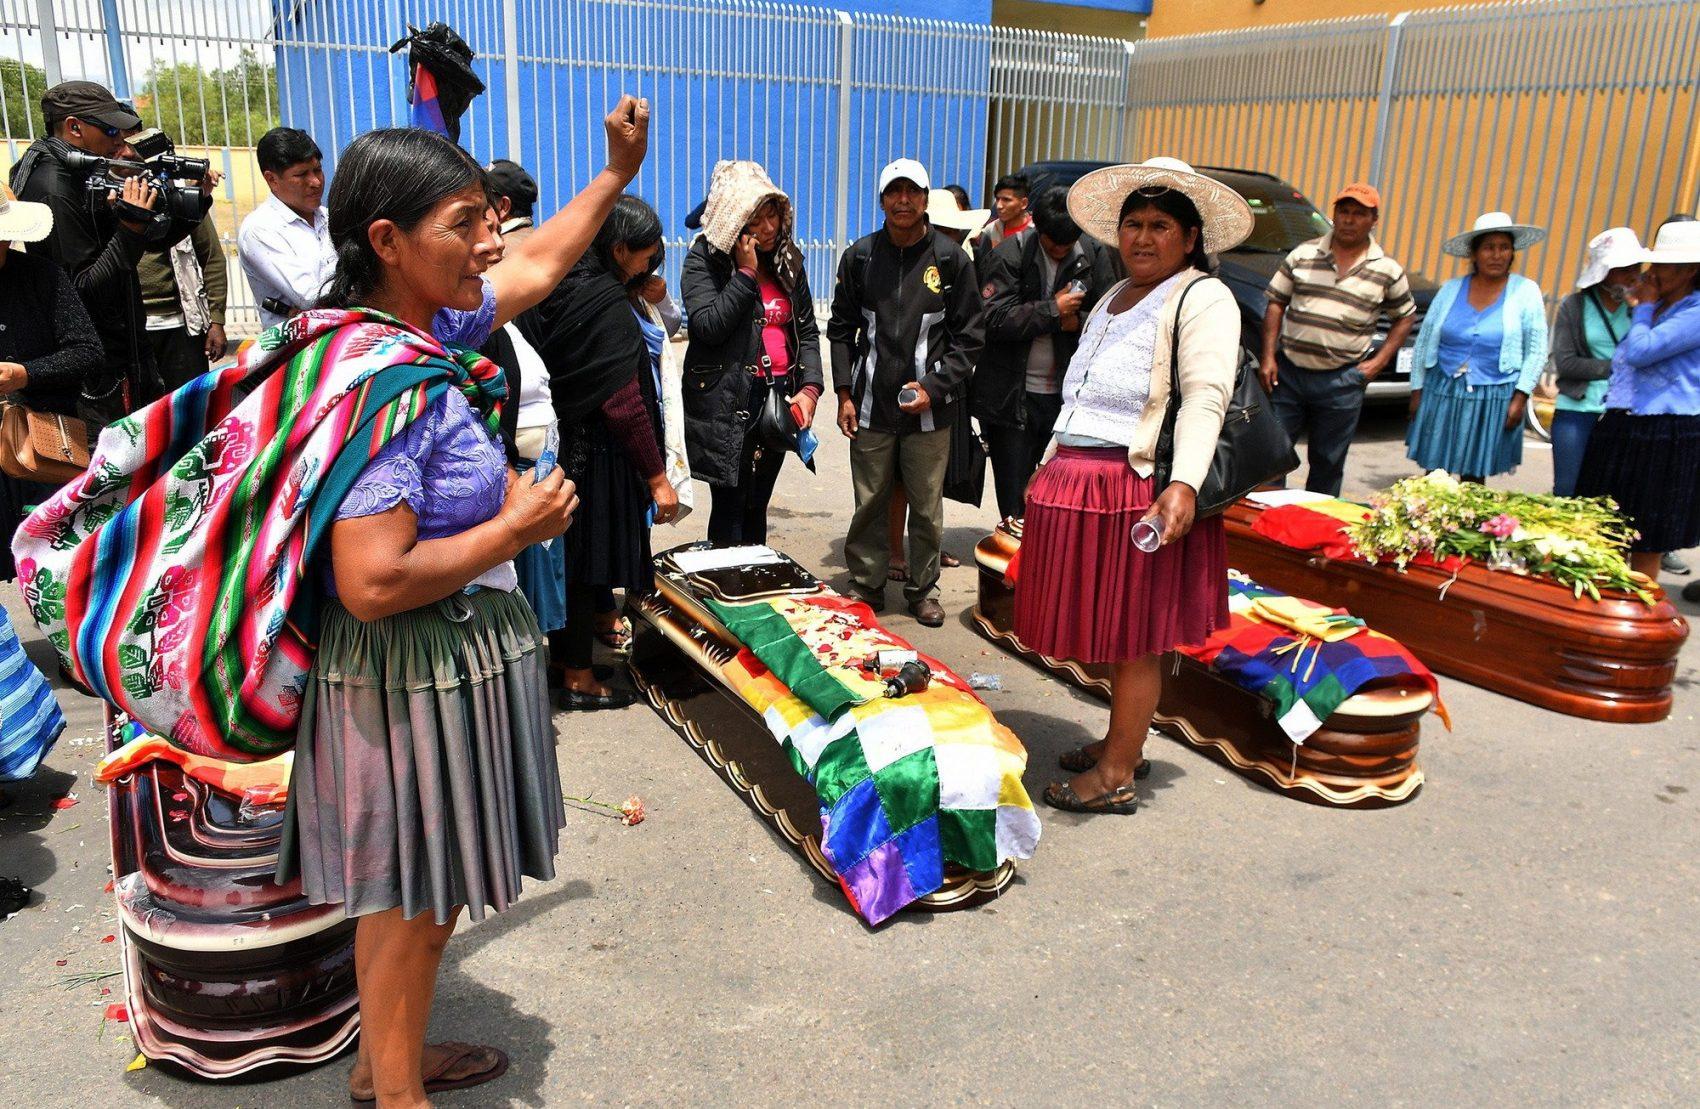 Ocorreu violenta repressão contra população indígena que se insurgiu em apoio a Evo Morales